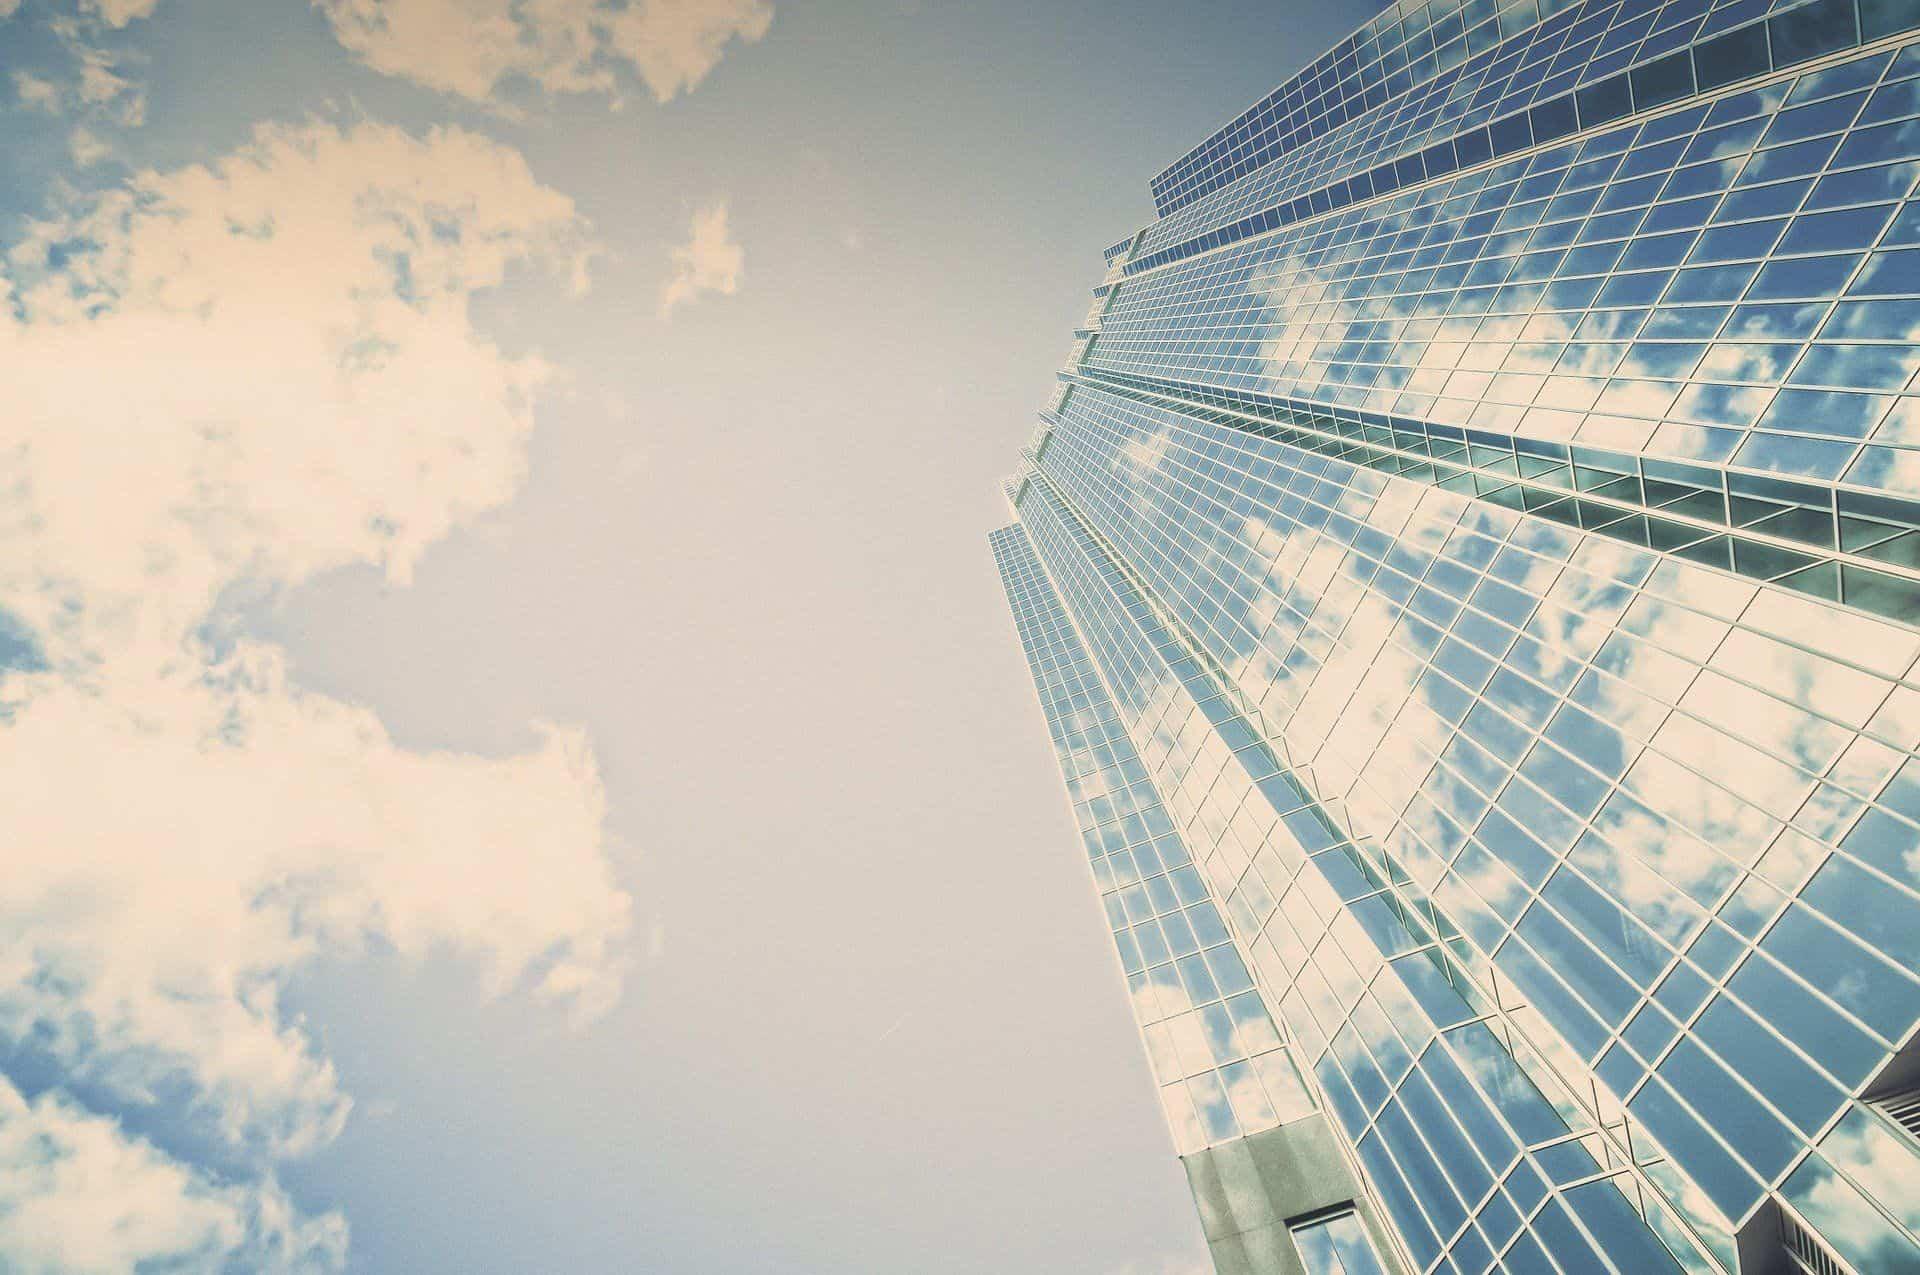 la union de worldline con ingenico viene a convertirse en el nuevo lider mundial en servicios de pago